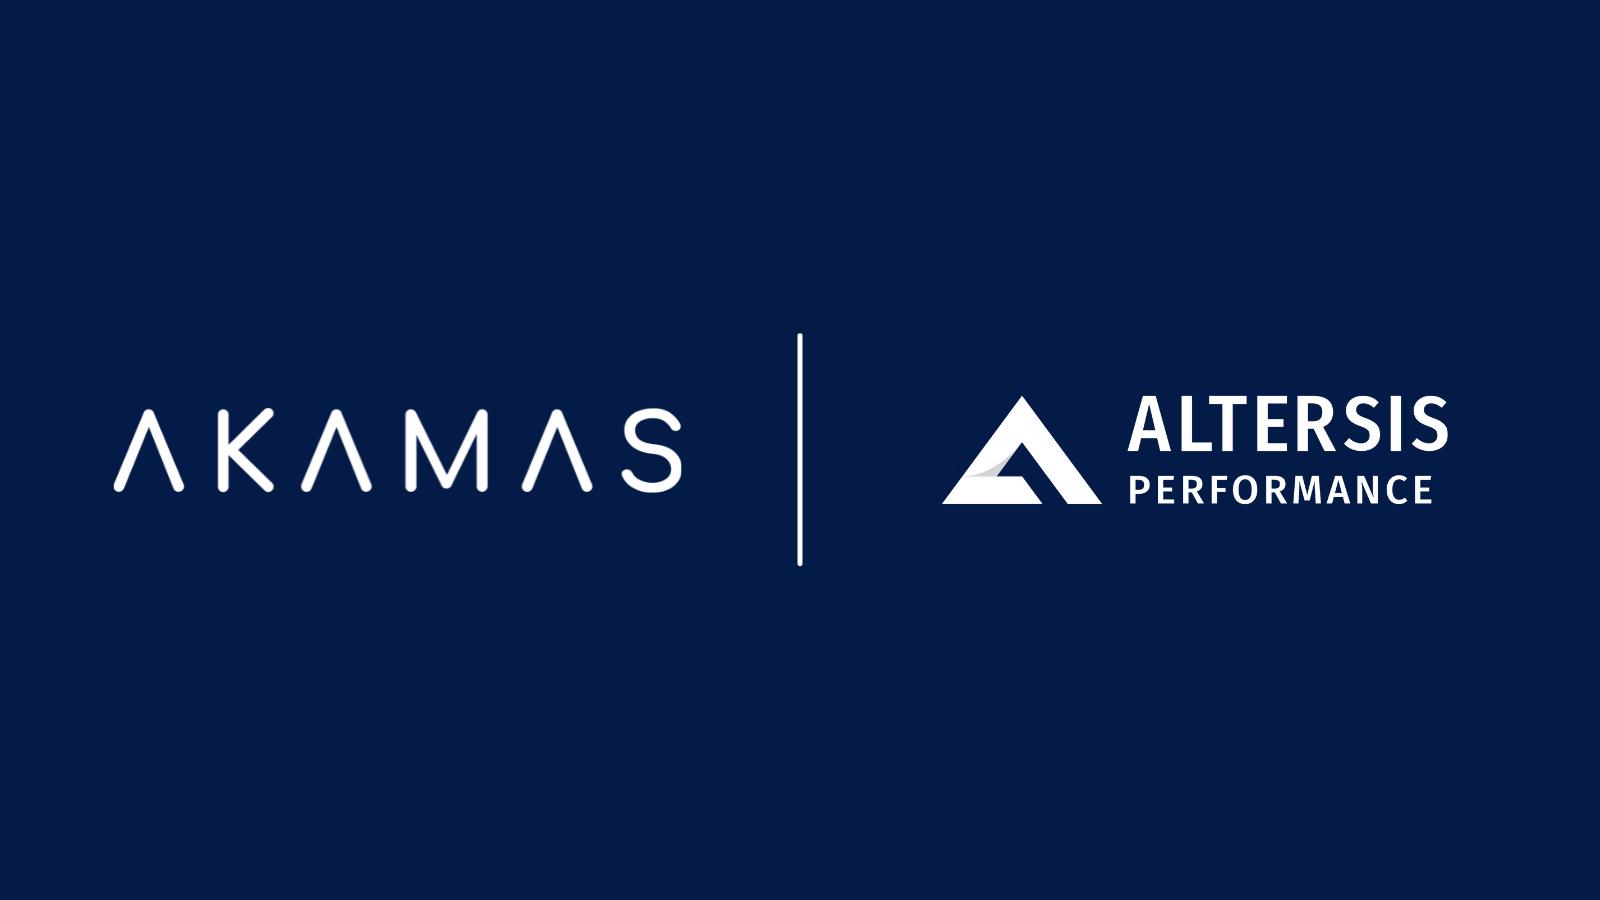 Akamas Altersis partnership